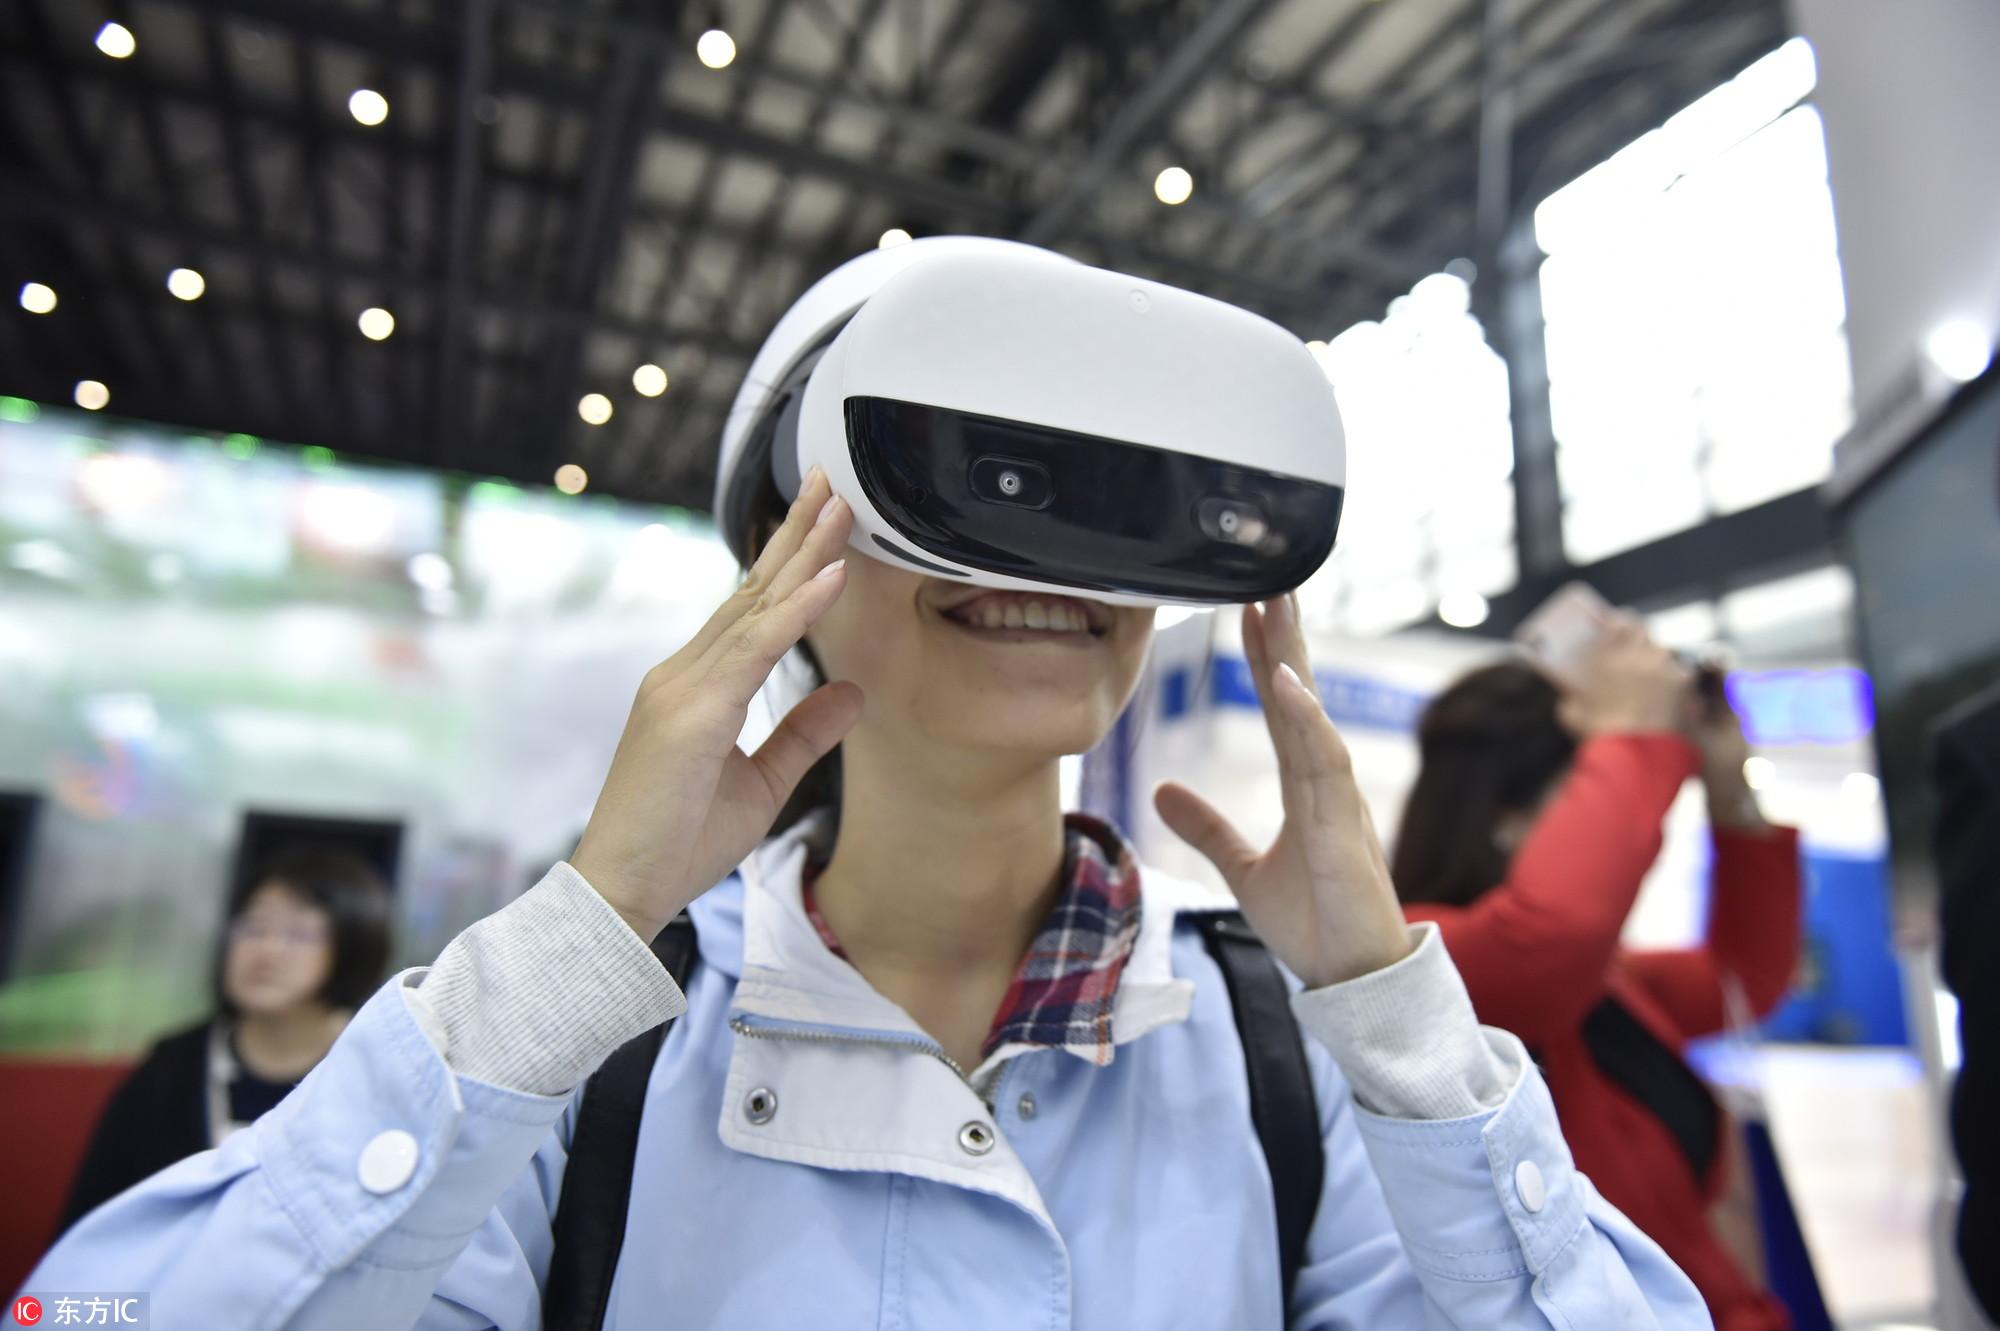 2019年,会是VR与AR的新机会吗?